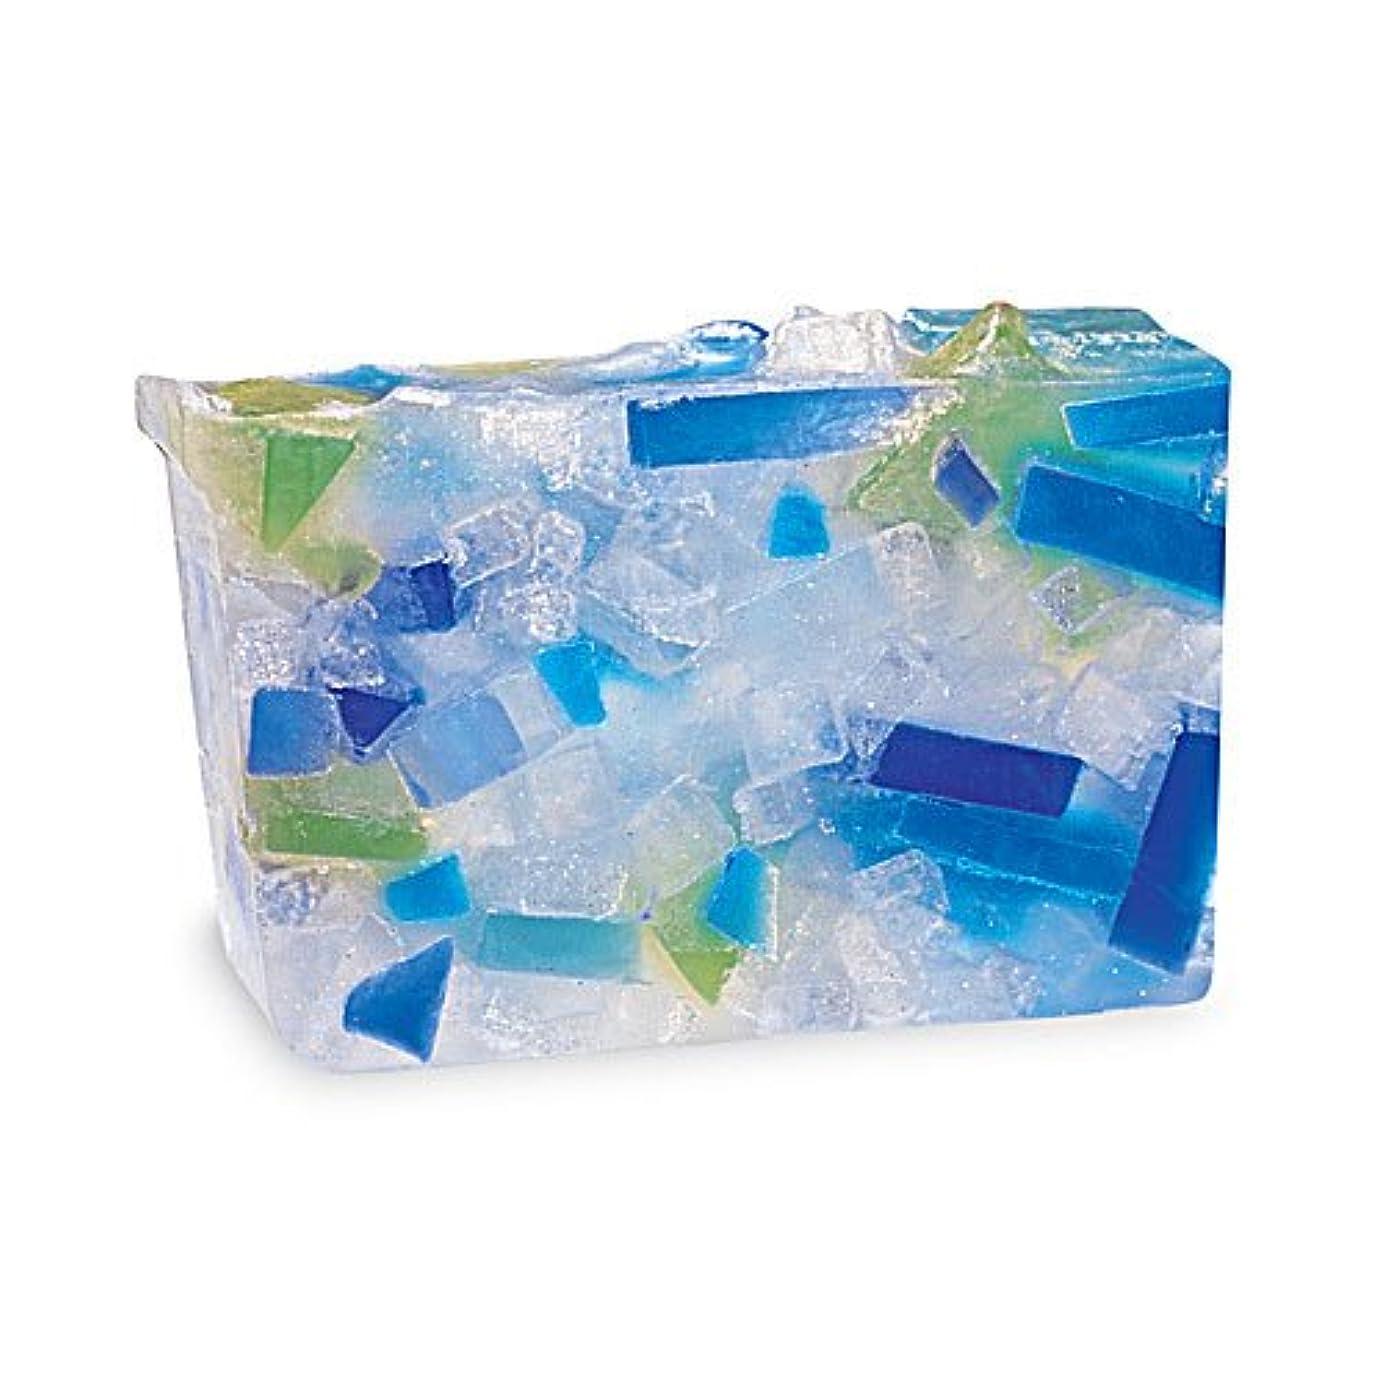 レオナルドダ明確な発症プライモールエレメンツ アロマティック ソープ ビーチグラス 180g 植物性 ナチュラル 石鹸 無添加